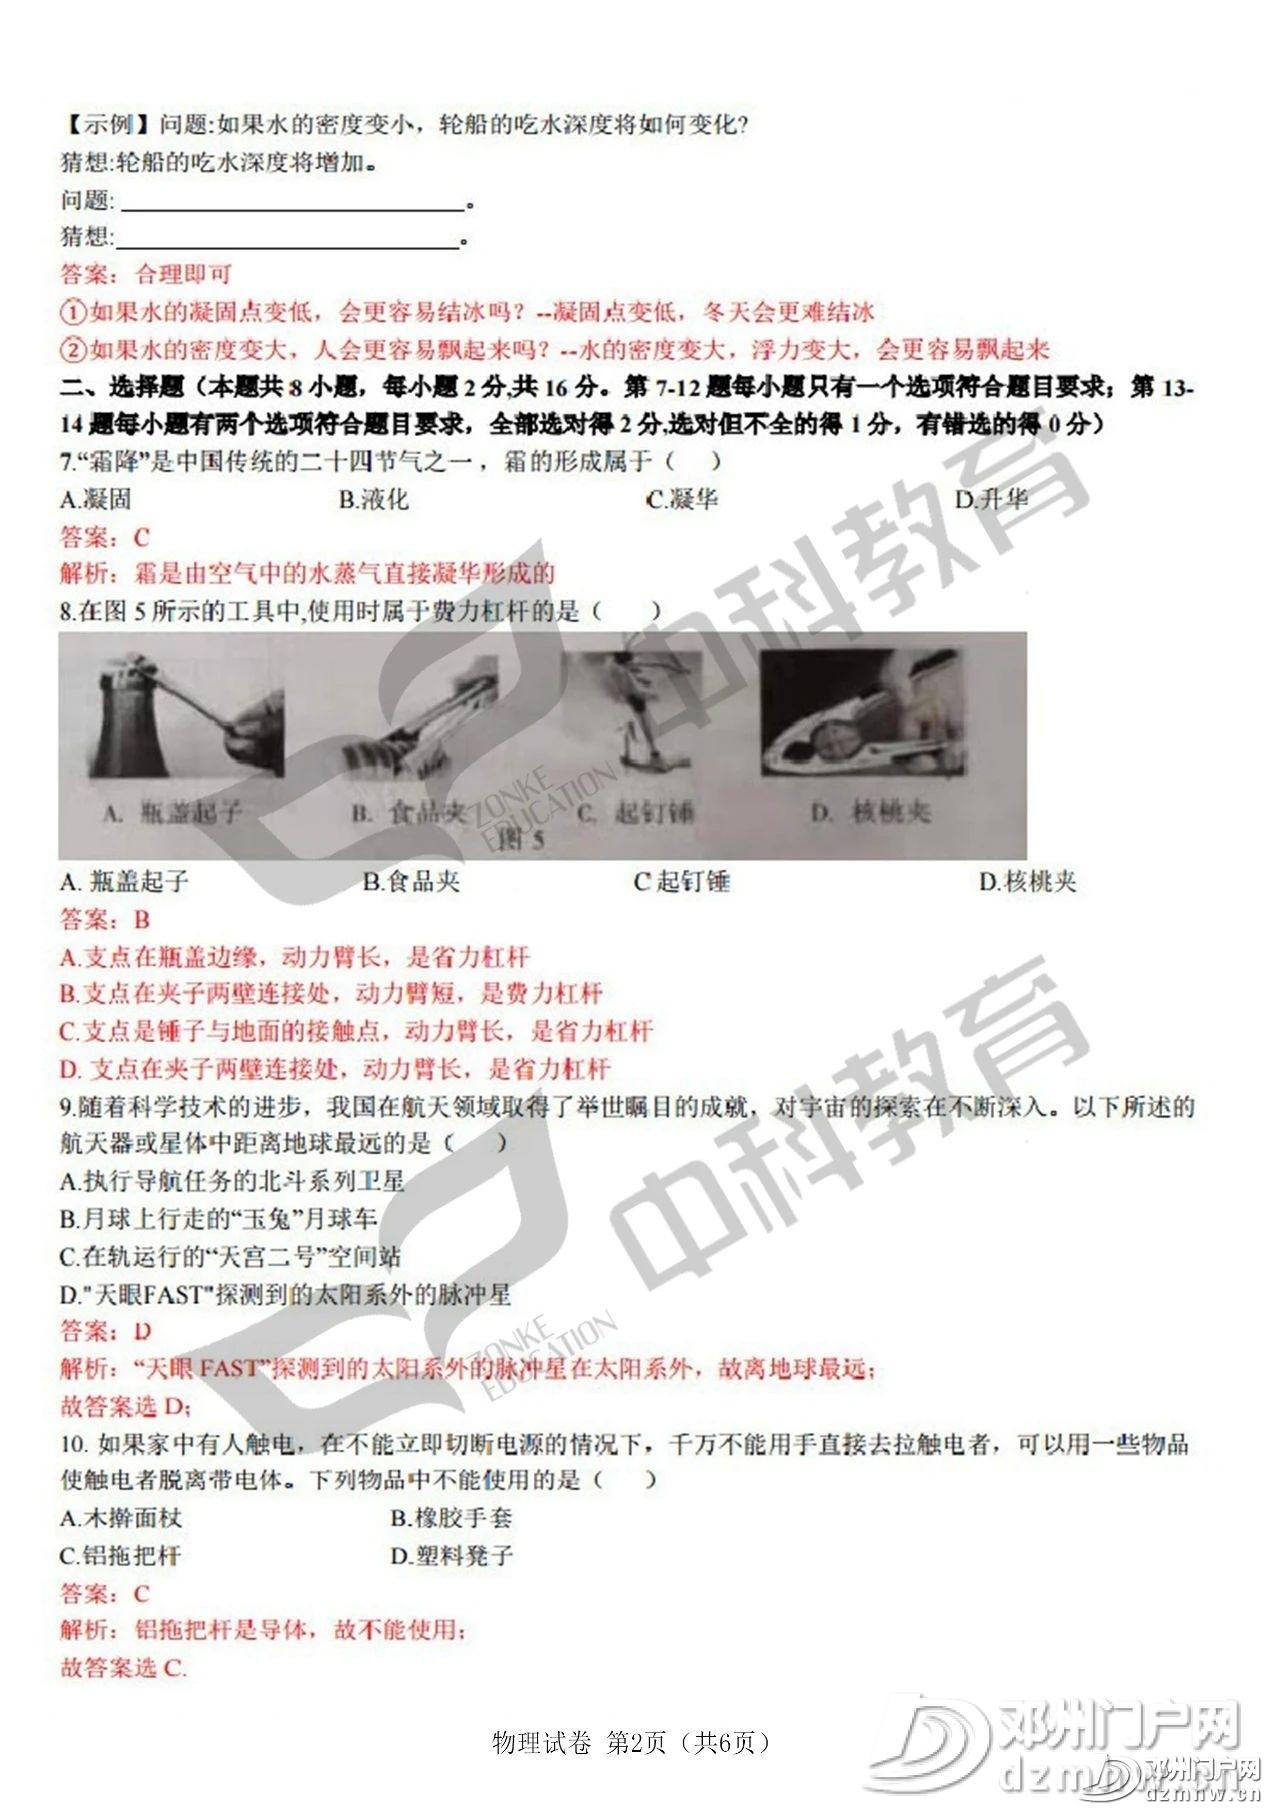 最新!邓州2020年中招各科试题及答案公布,请转发给身边的初三学生家长! - 邓州门户网|邓州网 - 7487db1f80a552c57b3de2fa2c05cc63.jpg